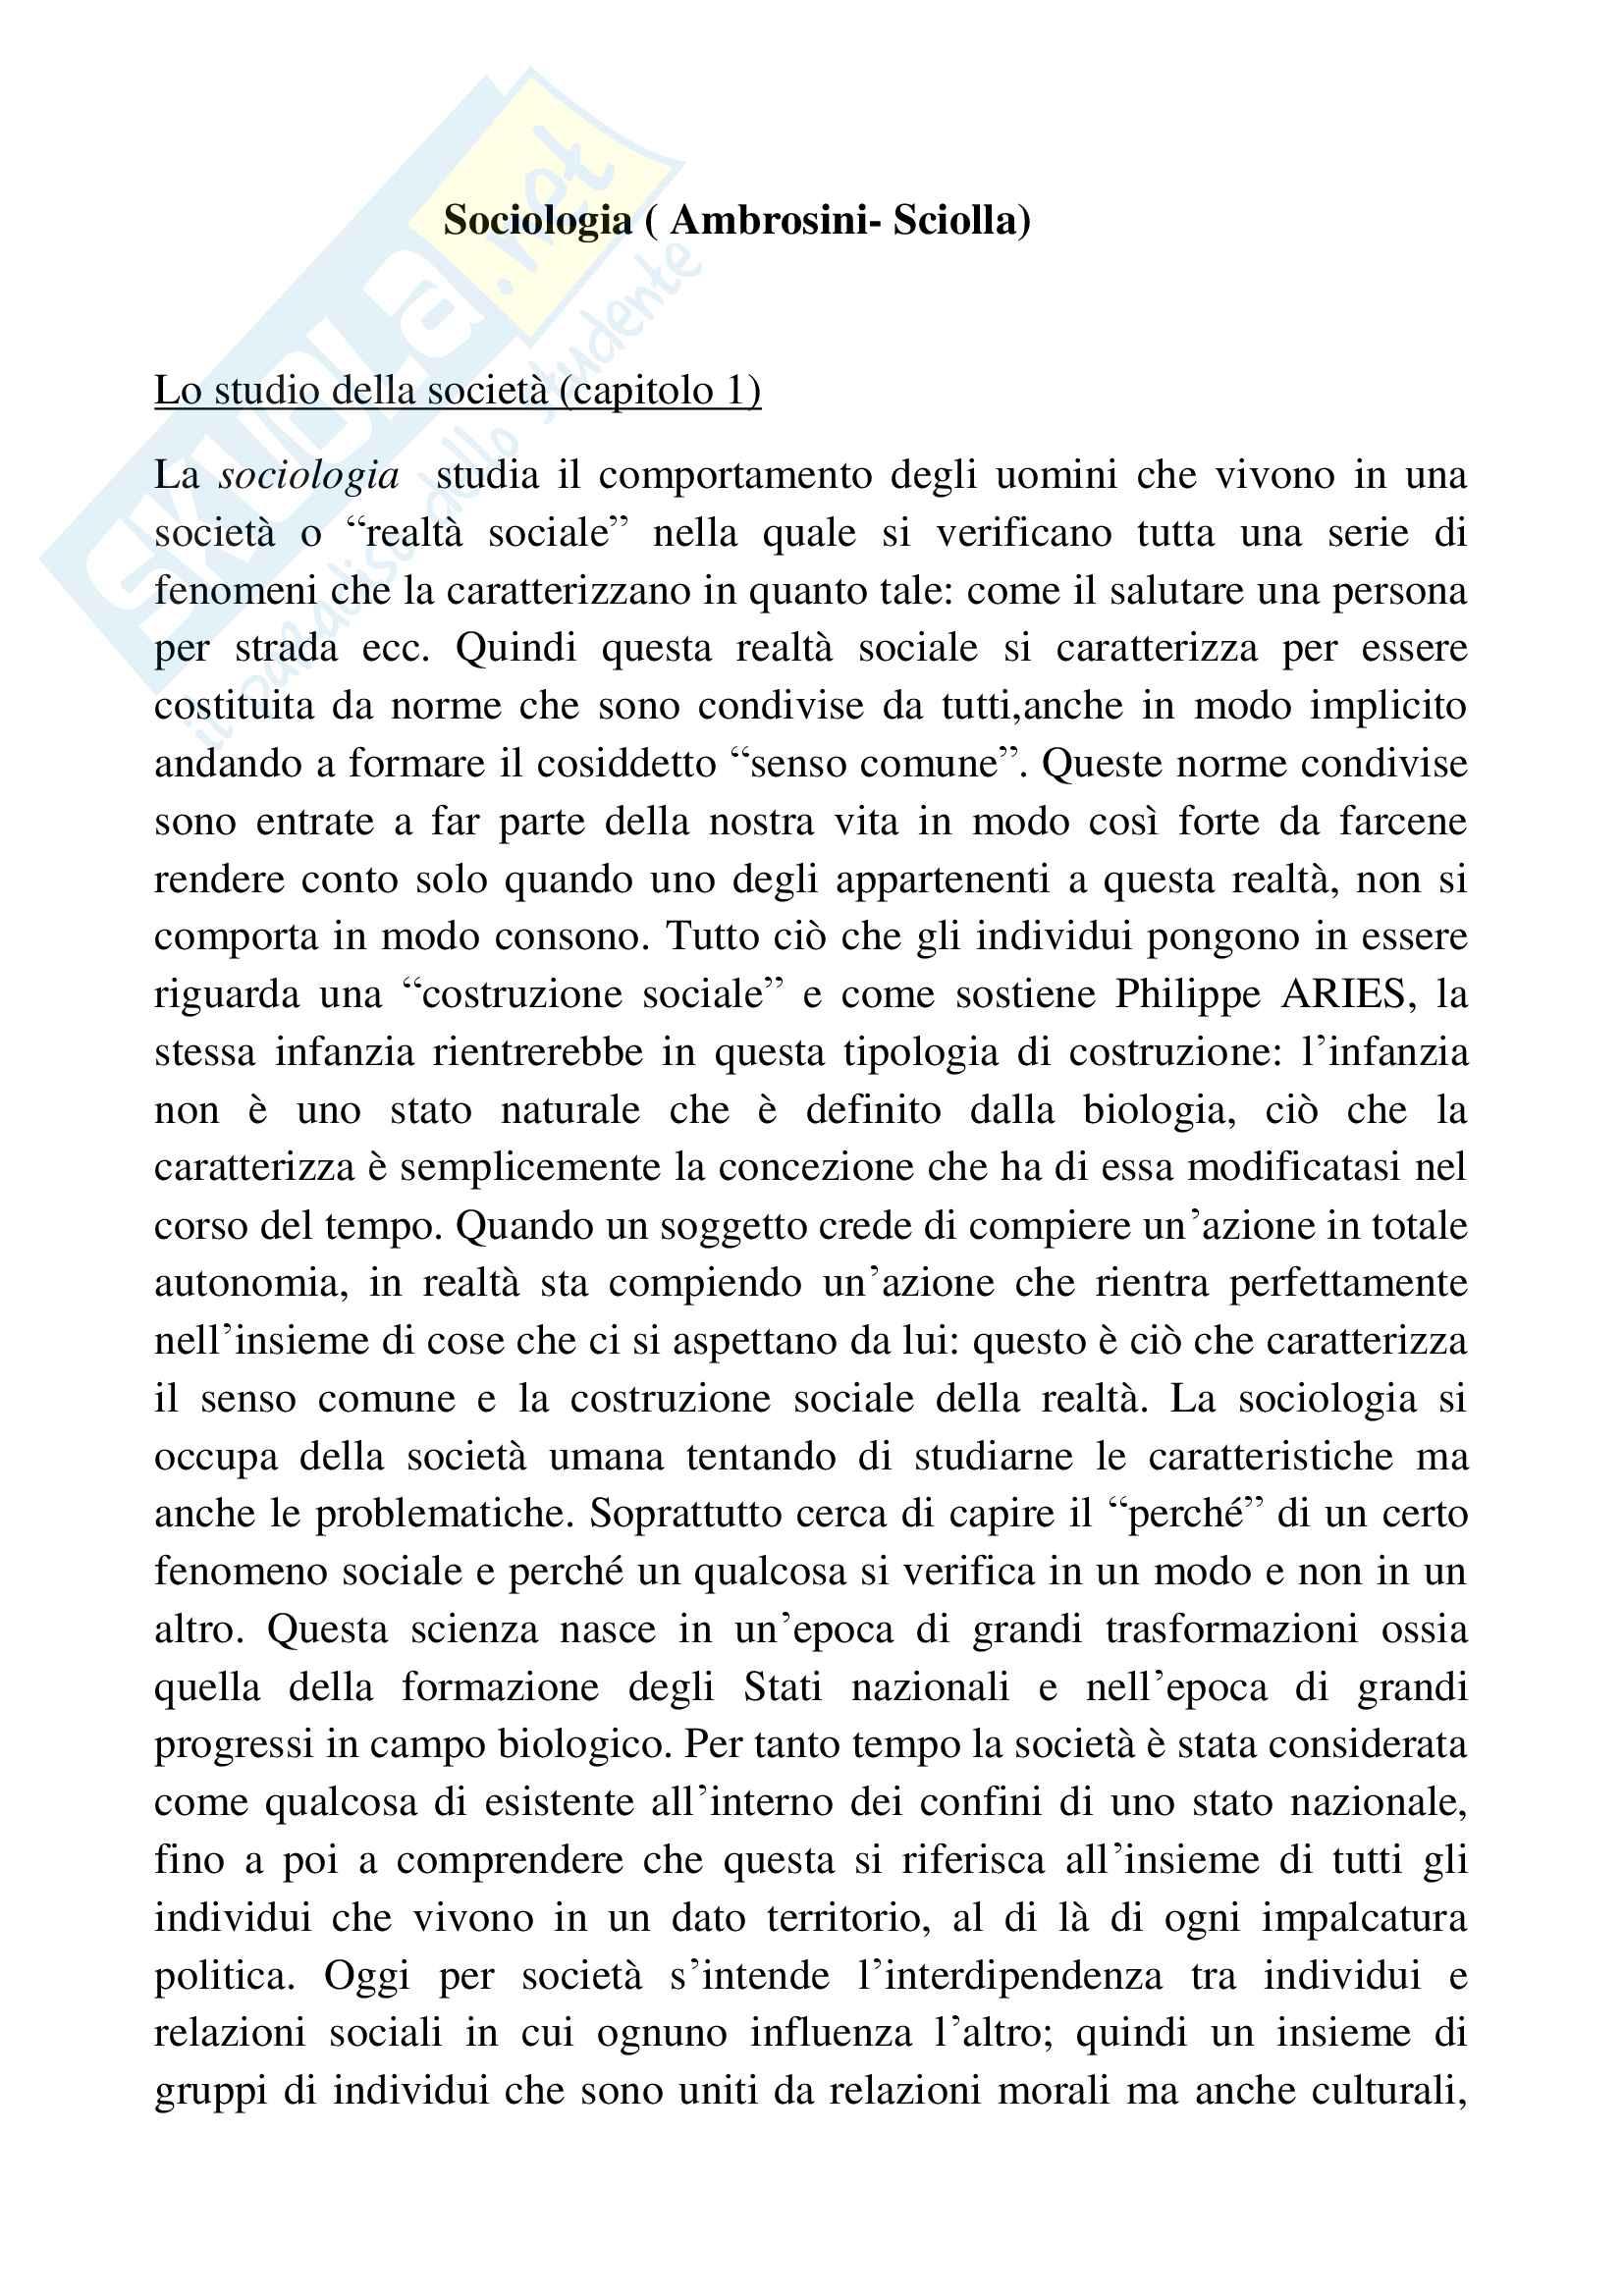 Riassunto esame sociologia generale, docente Pizzo, libro consigliato Sociologia generale, Ambrosini, Sciolla